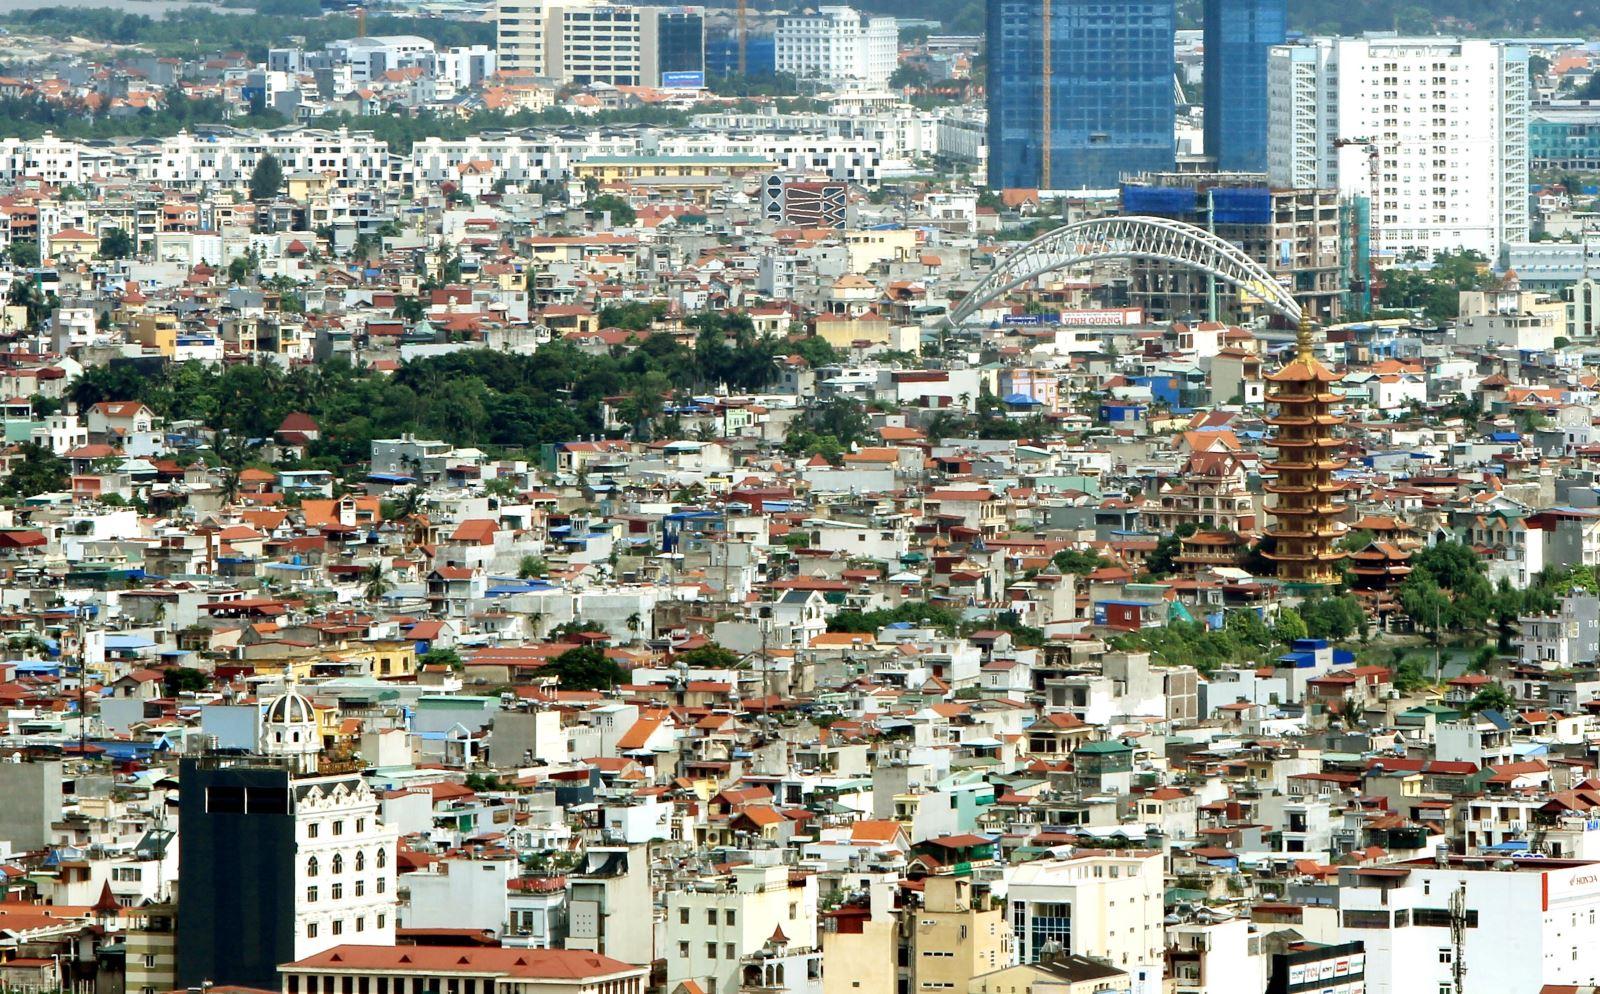 Đấu giá hơn 3.400 m2 đất ở Hải Phòng để thực hiện dự án thương mại, dịch vụ  - Ảnh 1.